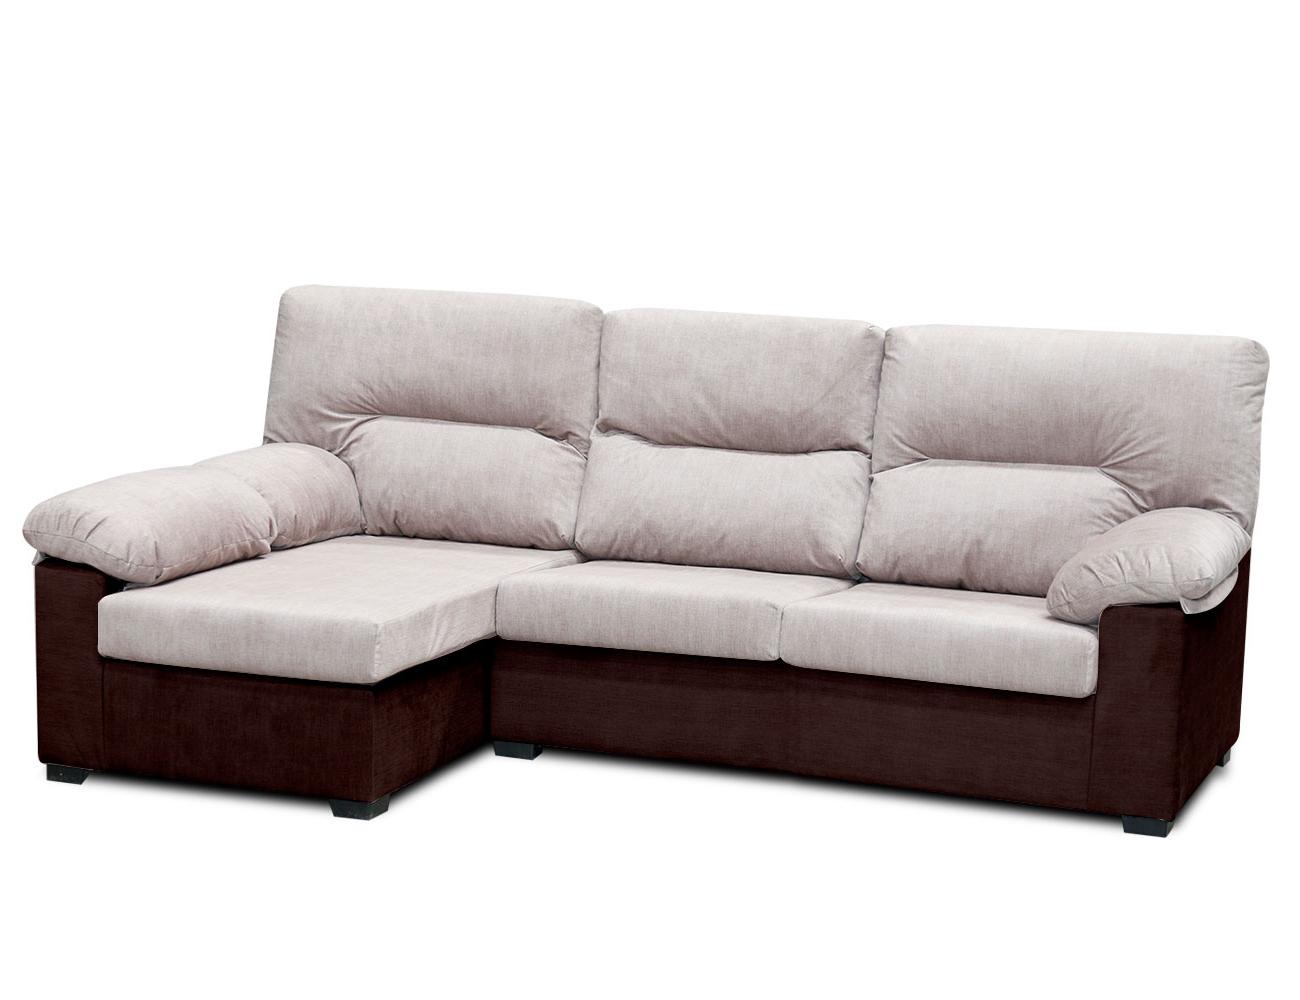 Sofa Chaise Longue Barato S1du sofà Chaise Longue Reversible Barato 6596 Factory Del Mueble Utrera